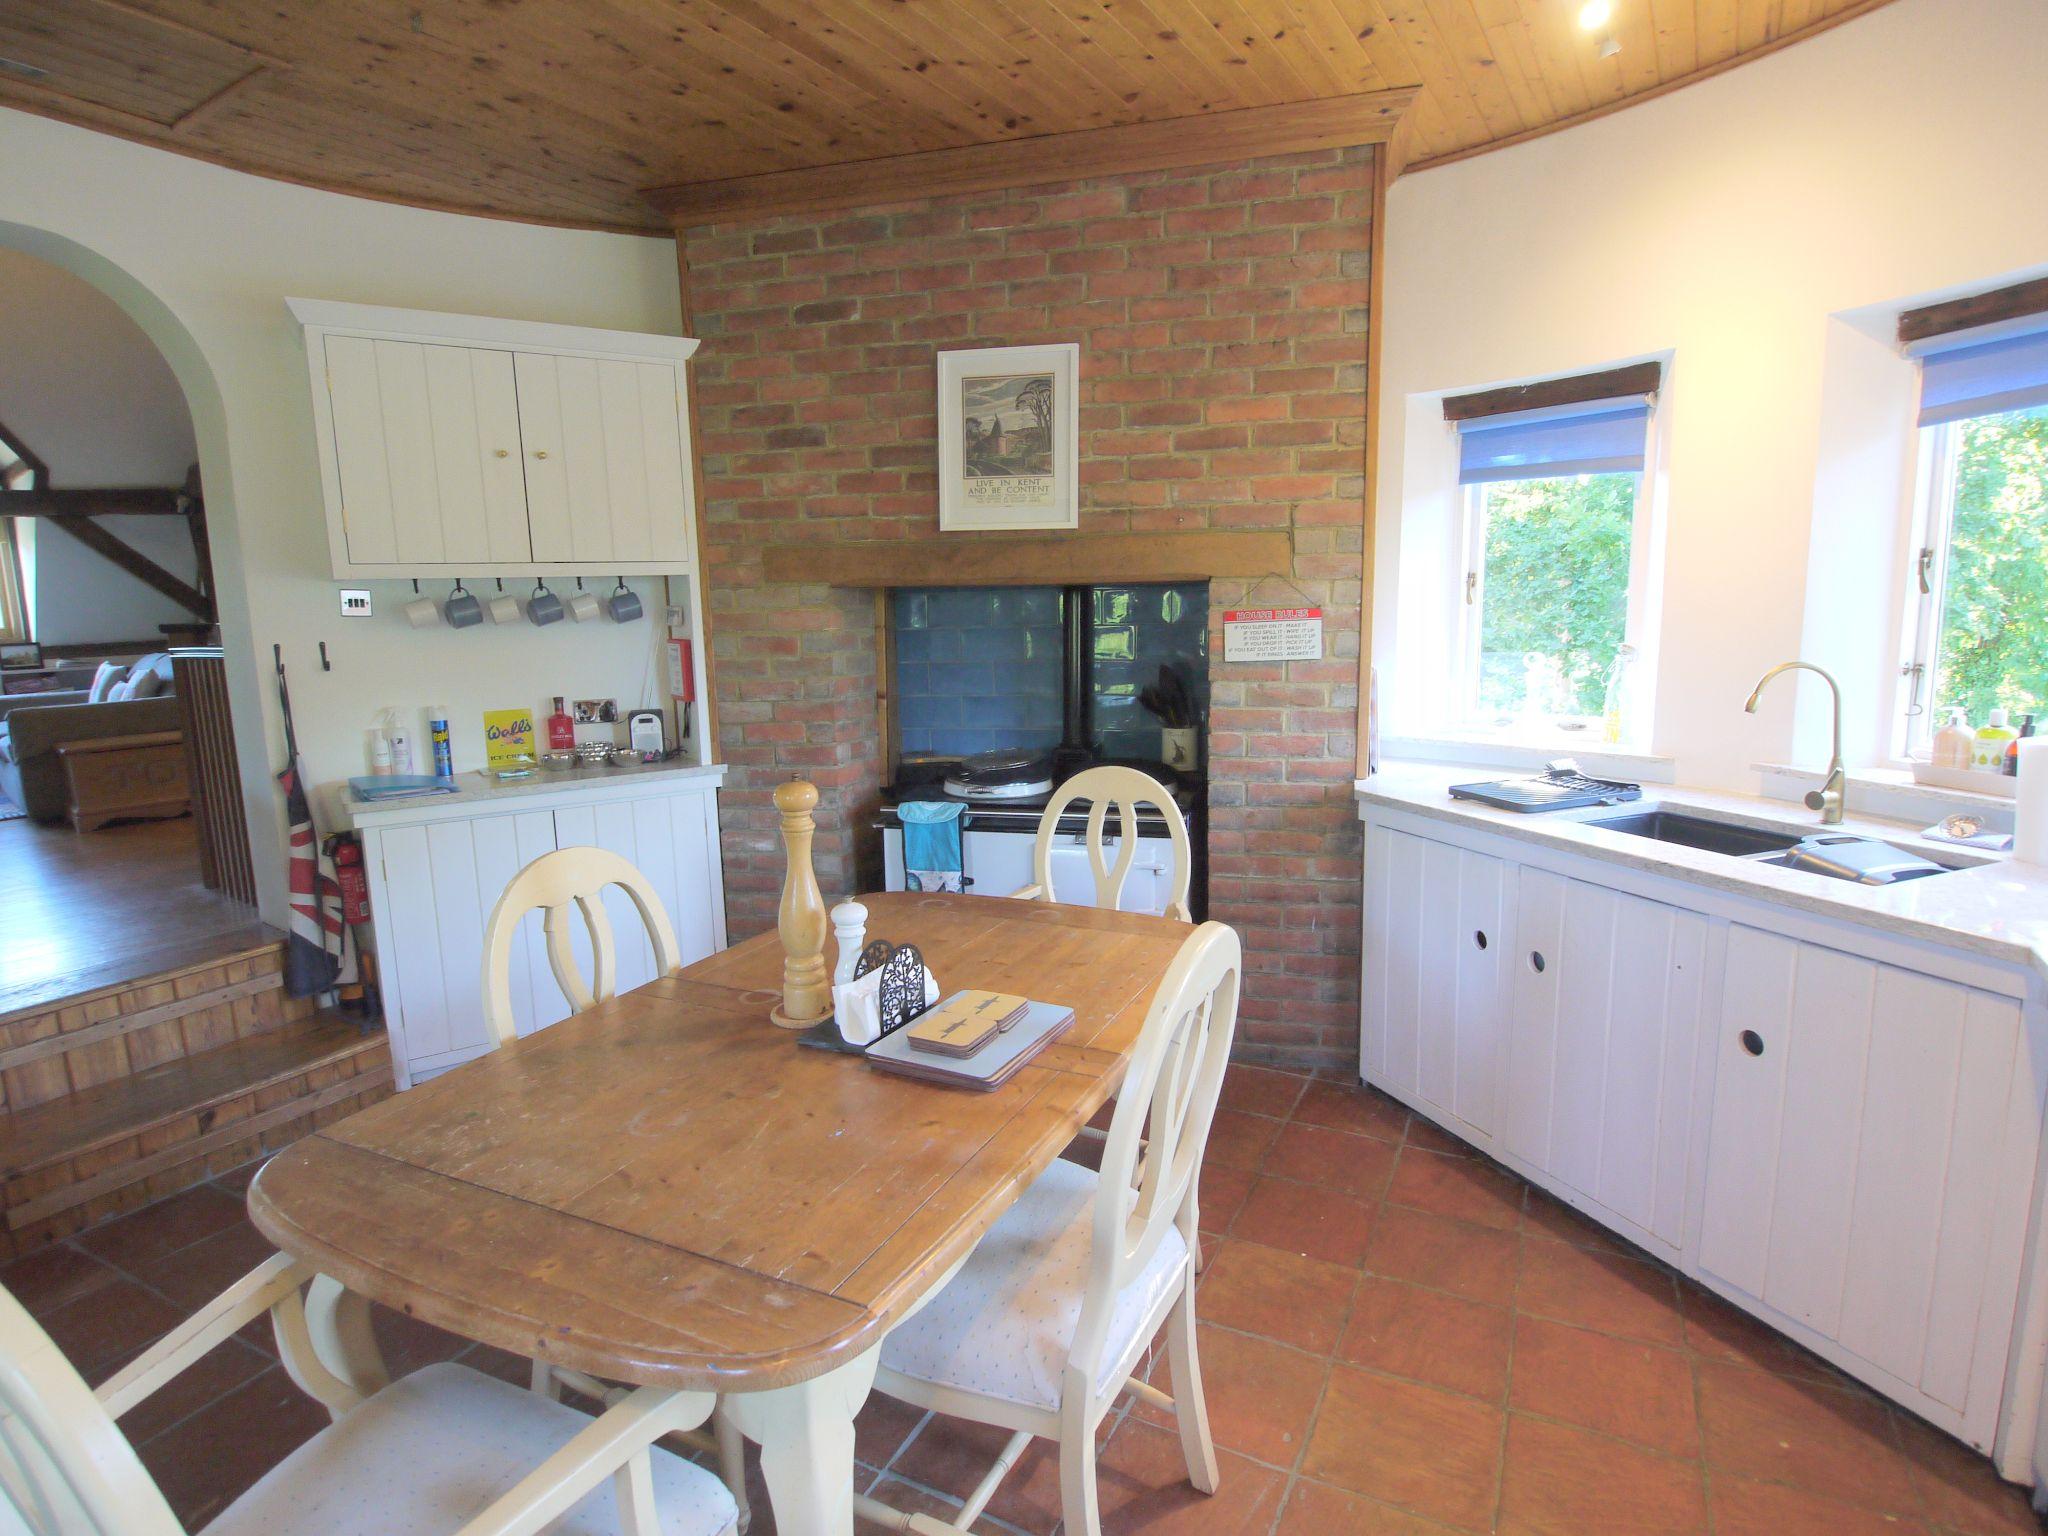 4 bedroom detached house Let Agreed in Edenbridge - Photograph 3